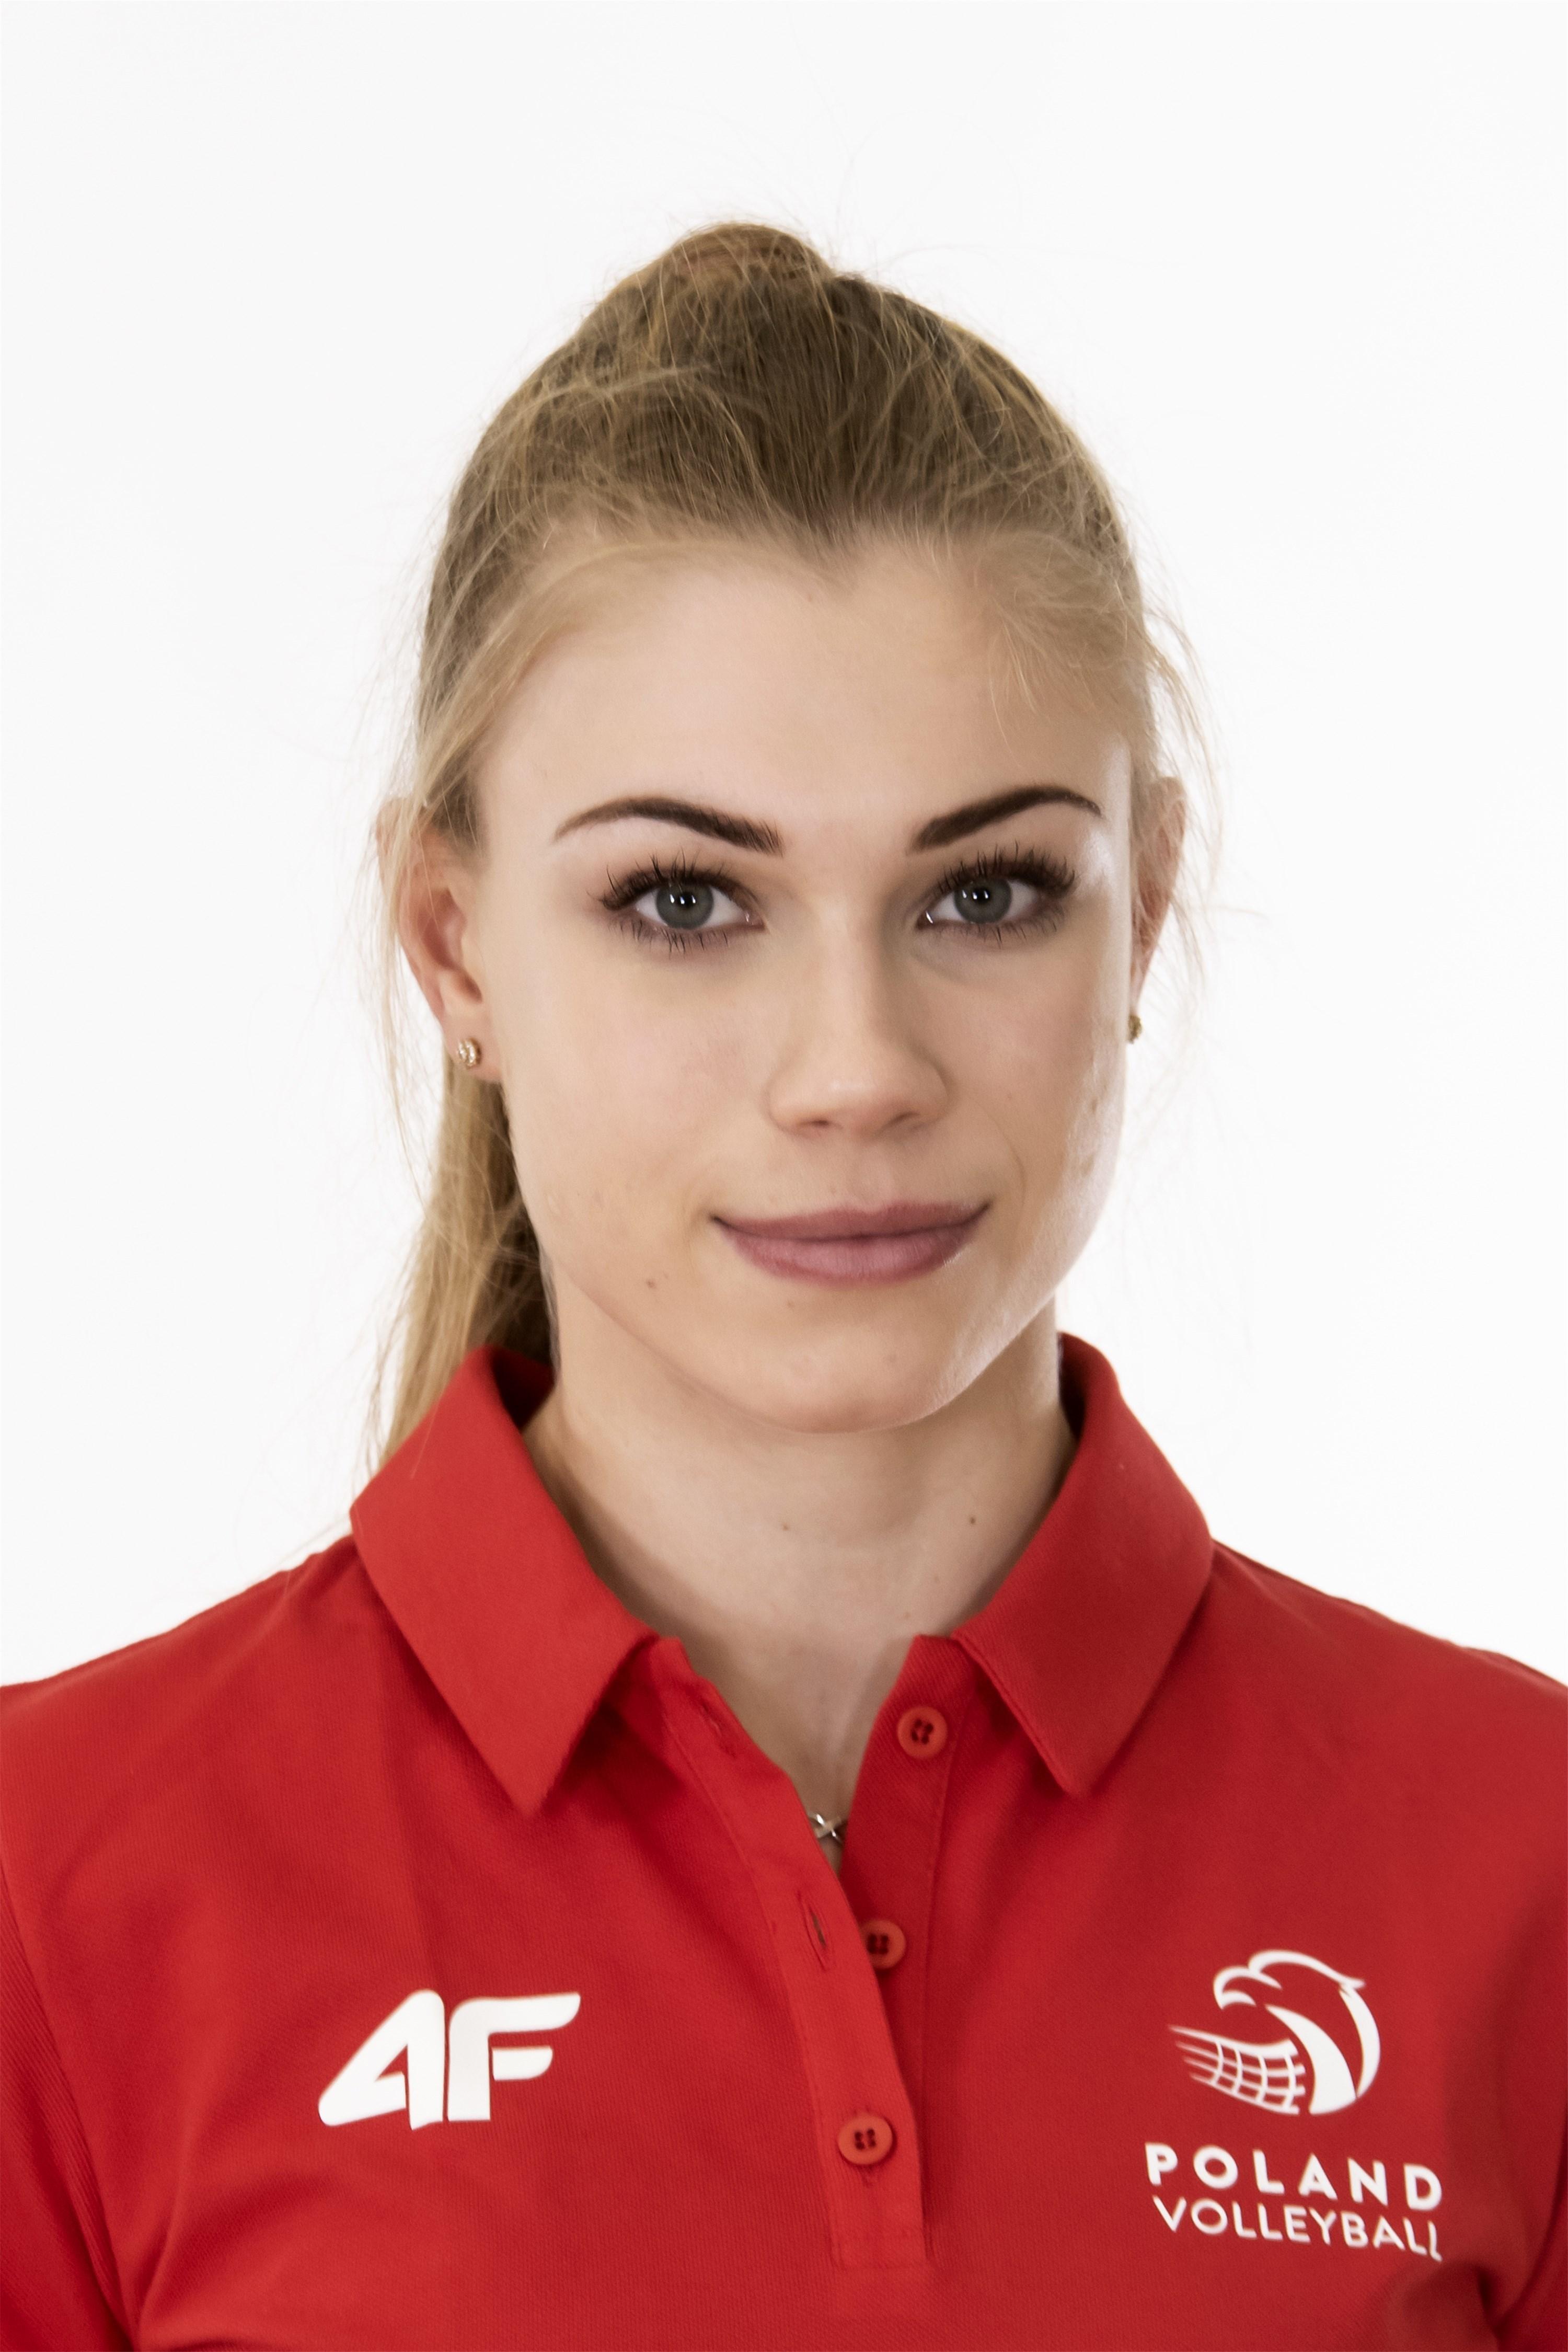 Photo of Patrycja JUNDZILL